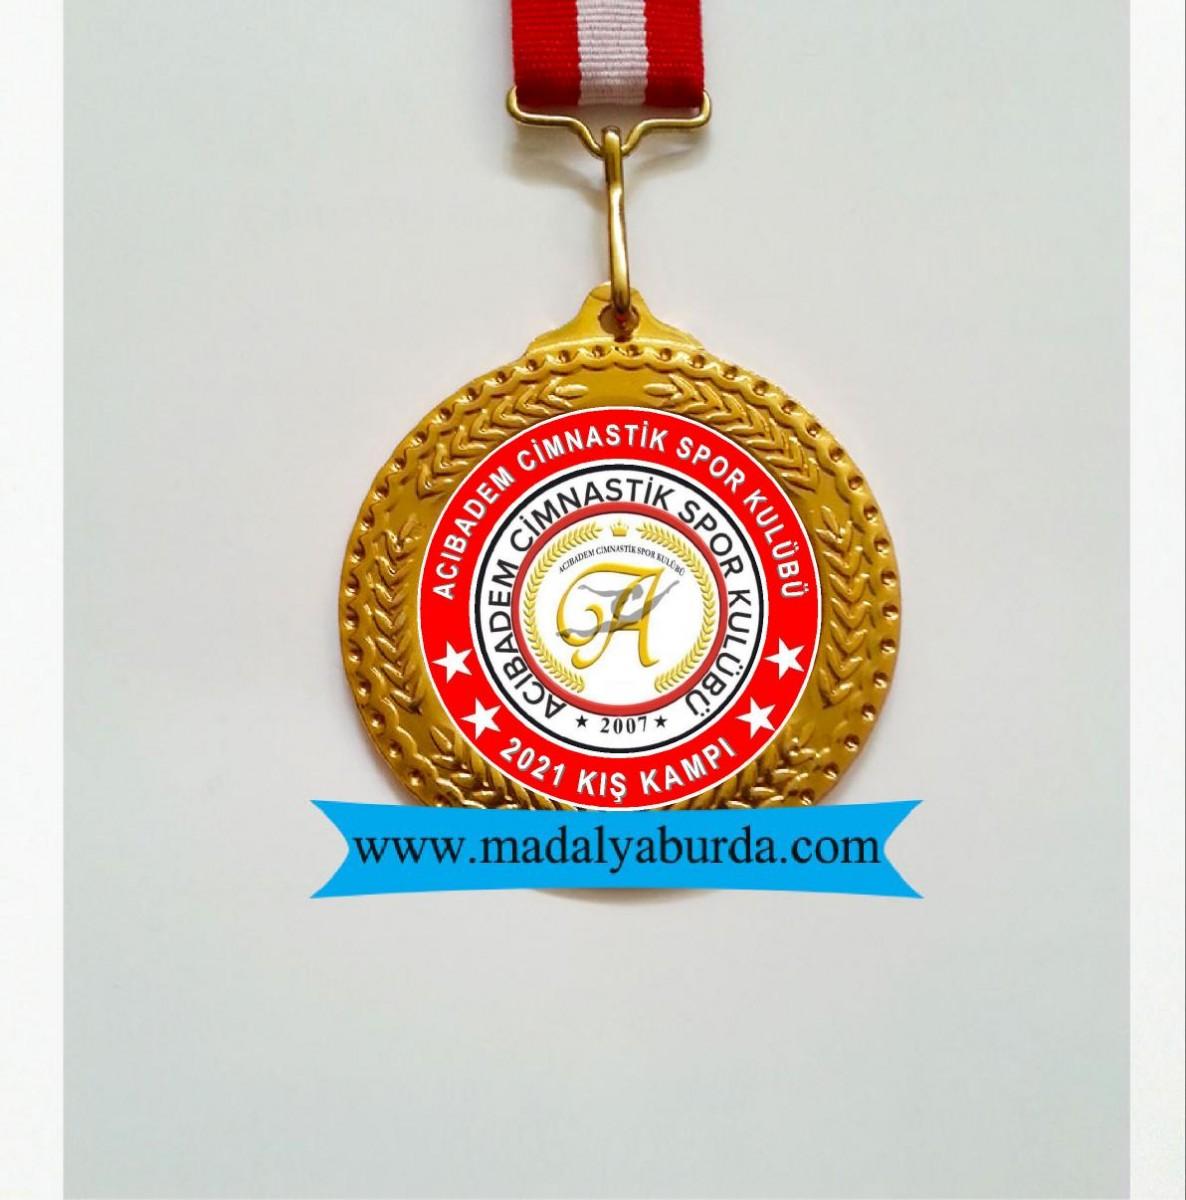 Cimnastik Spor Kulübü Madalyası